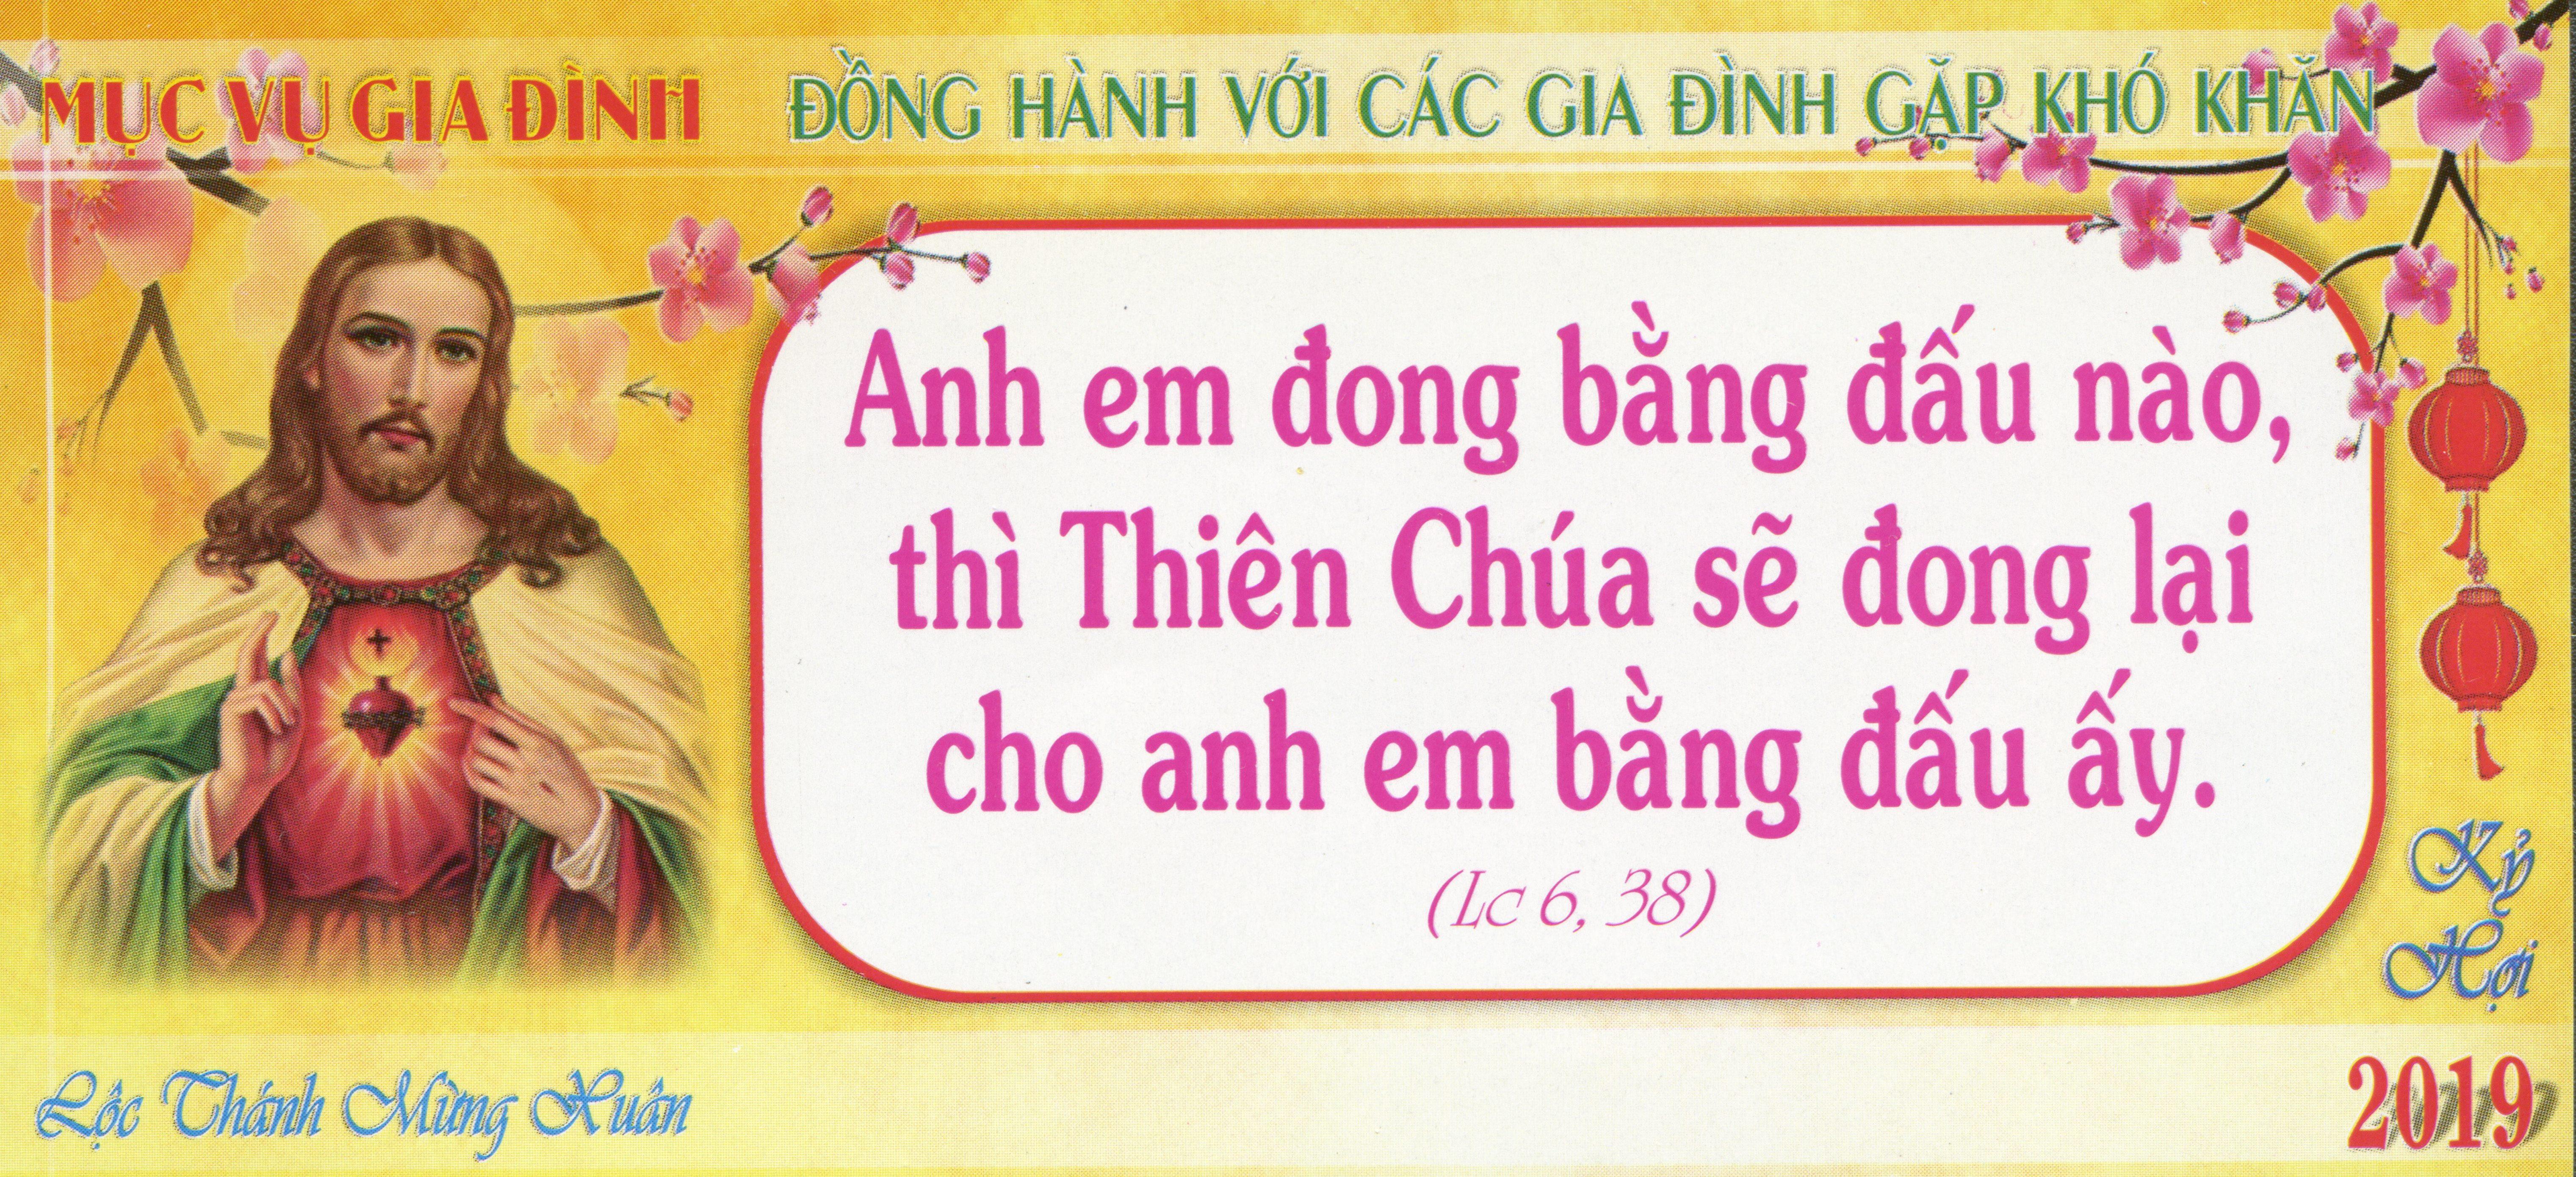 Muốn Sao Thì Làm Vậy - Lm. Nguyễn Tuấn Long